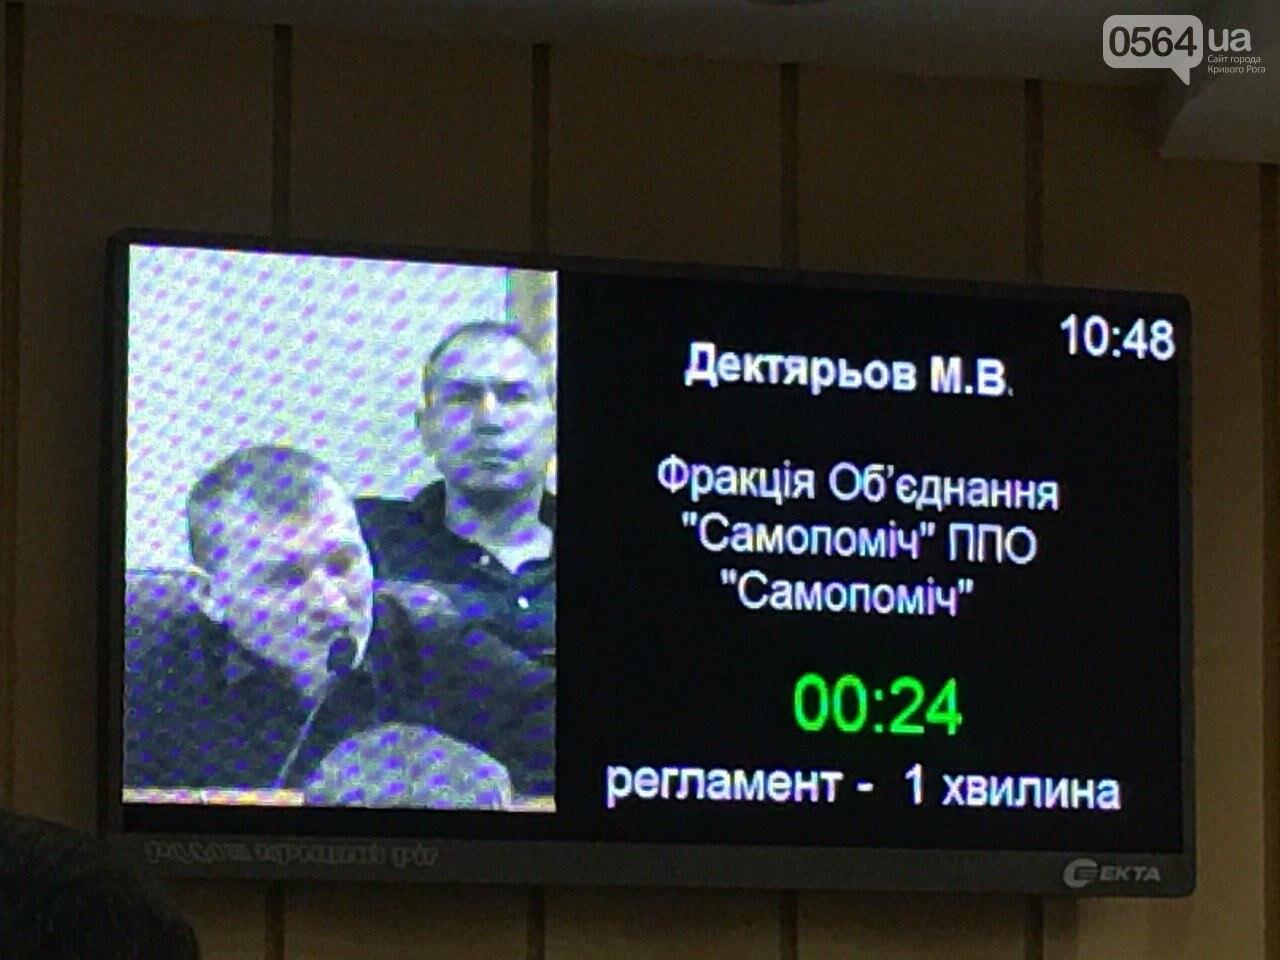 Криворожский городской совет не доверил экс-нардепу Павлову должность заместителя мэра, - ФОТО, фото-12